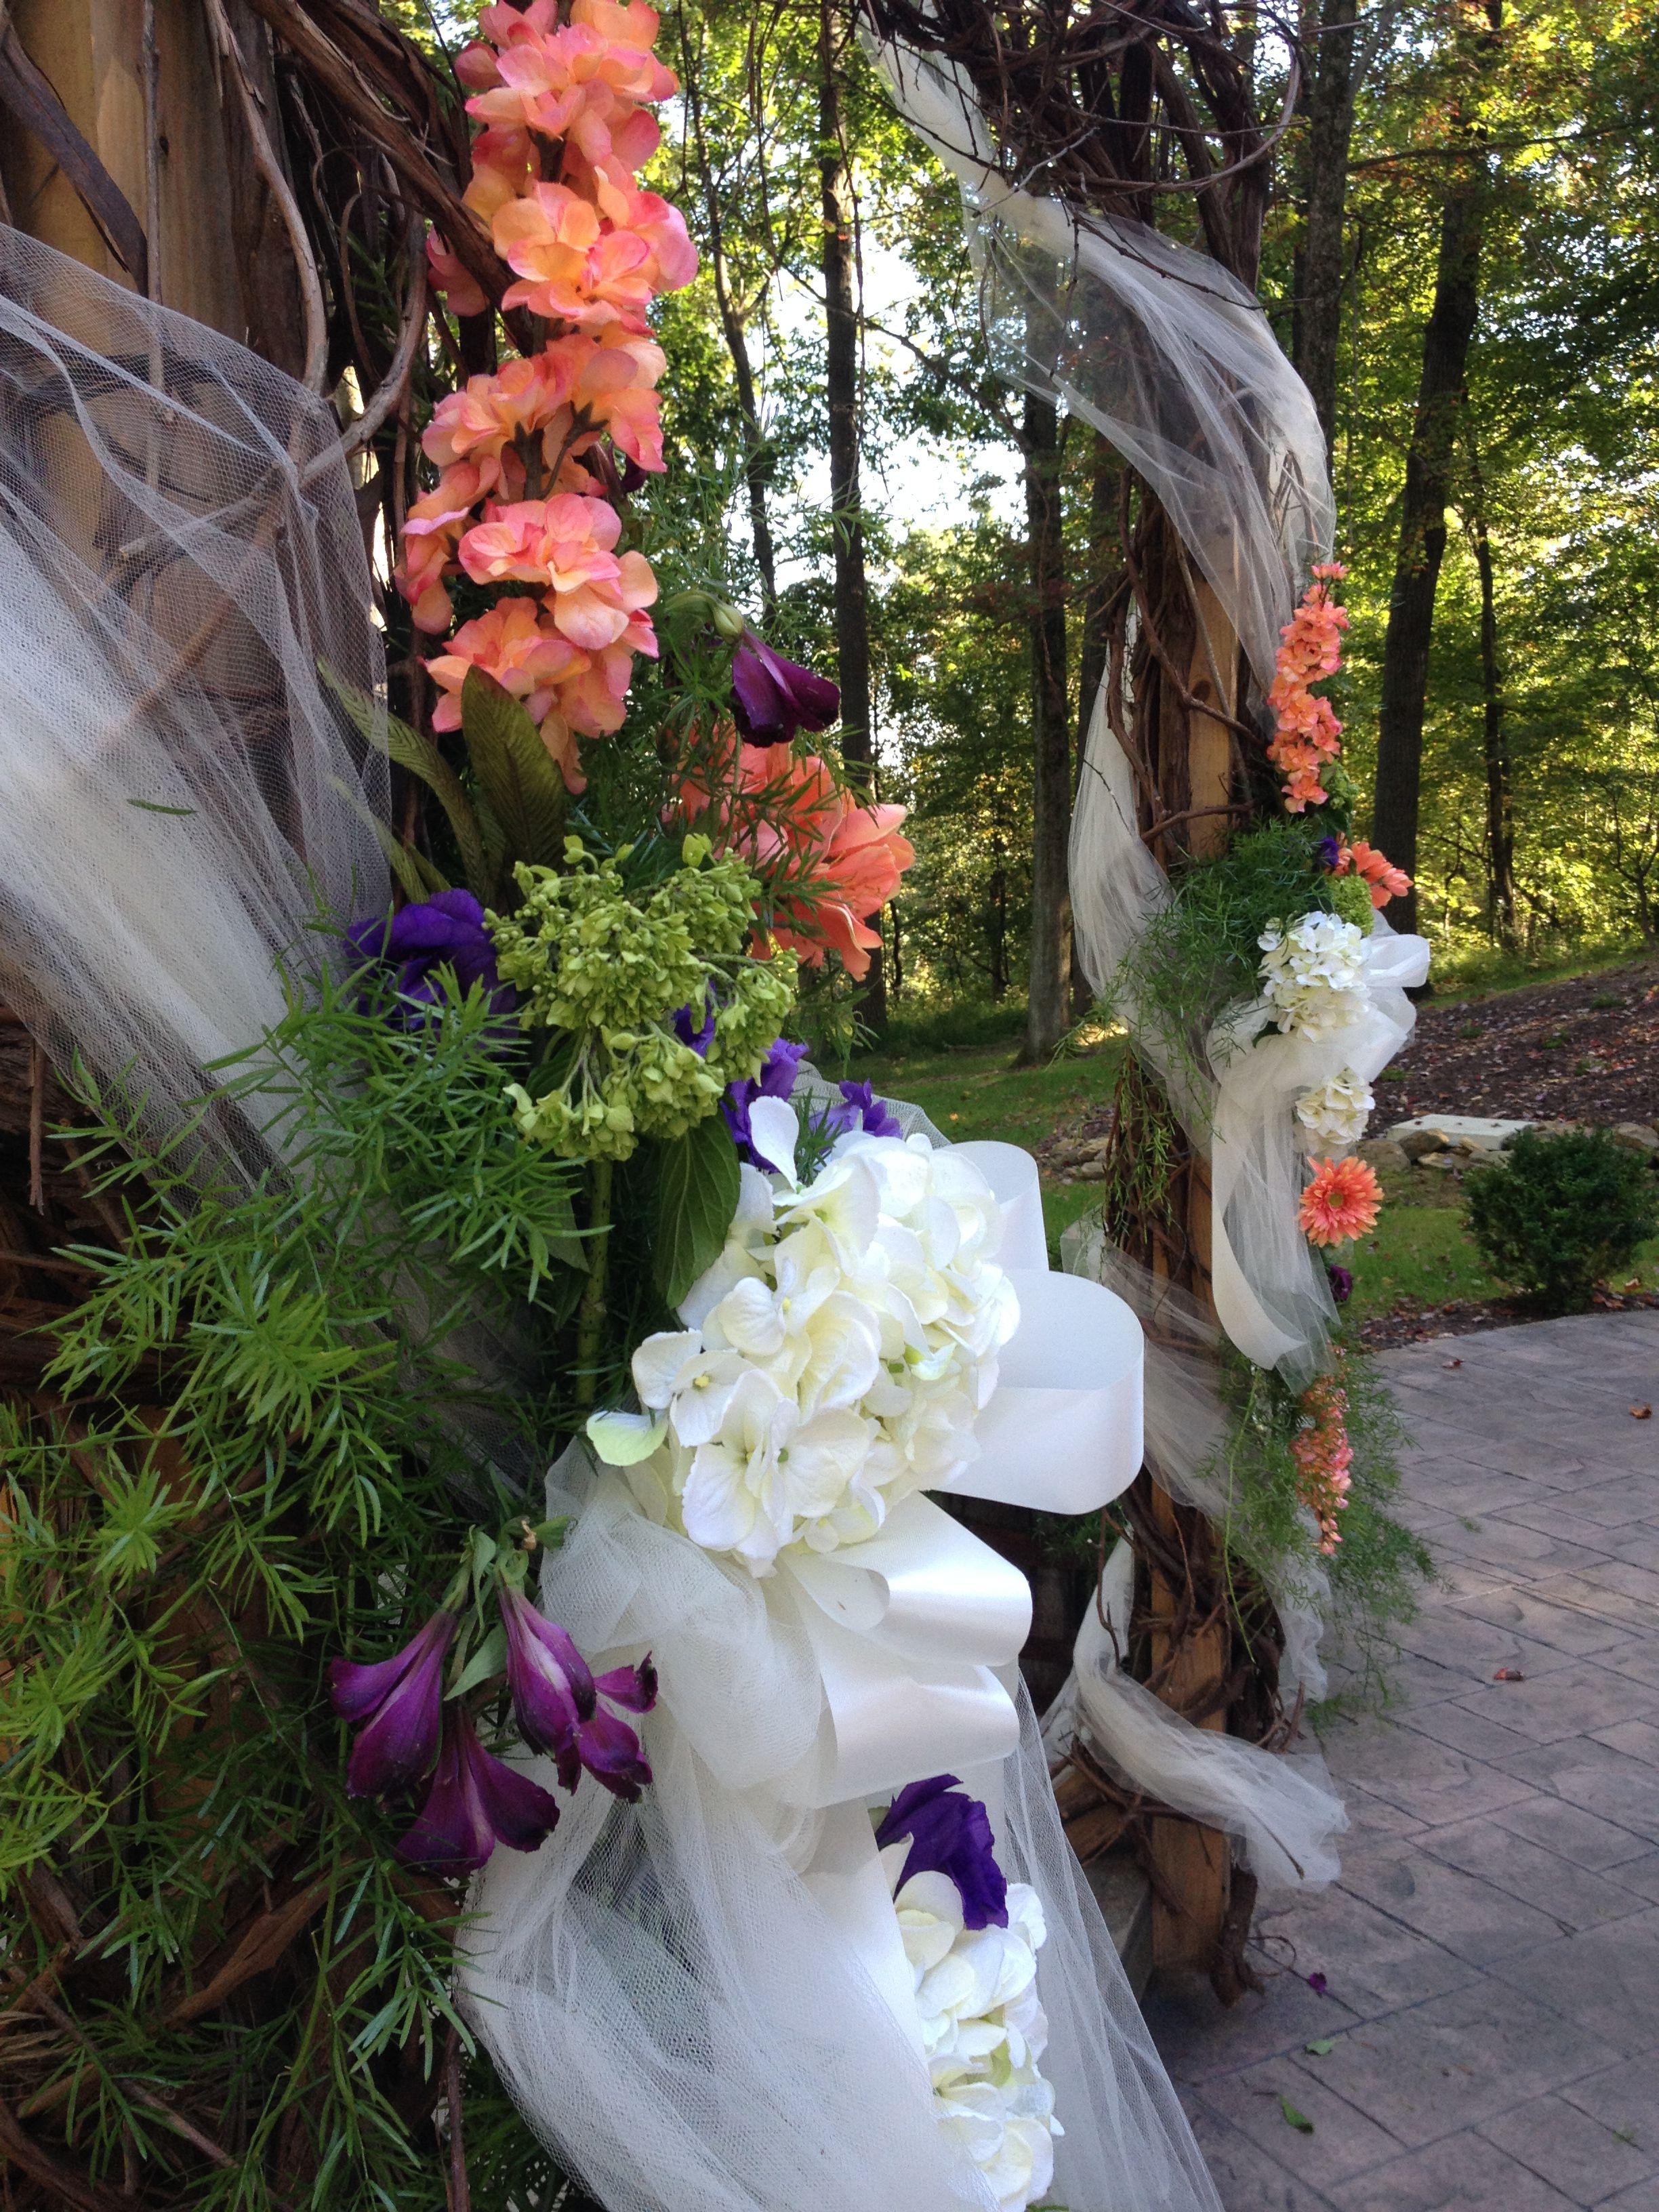 Rustic Wedding Venue Ohio | Barn wedding venue, Ohio ...